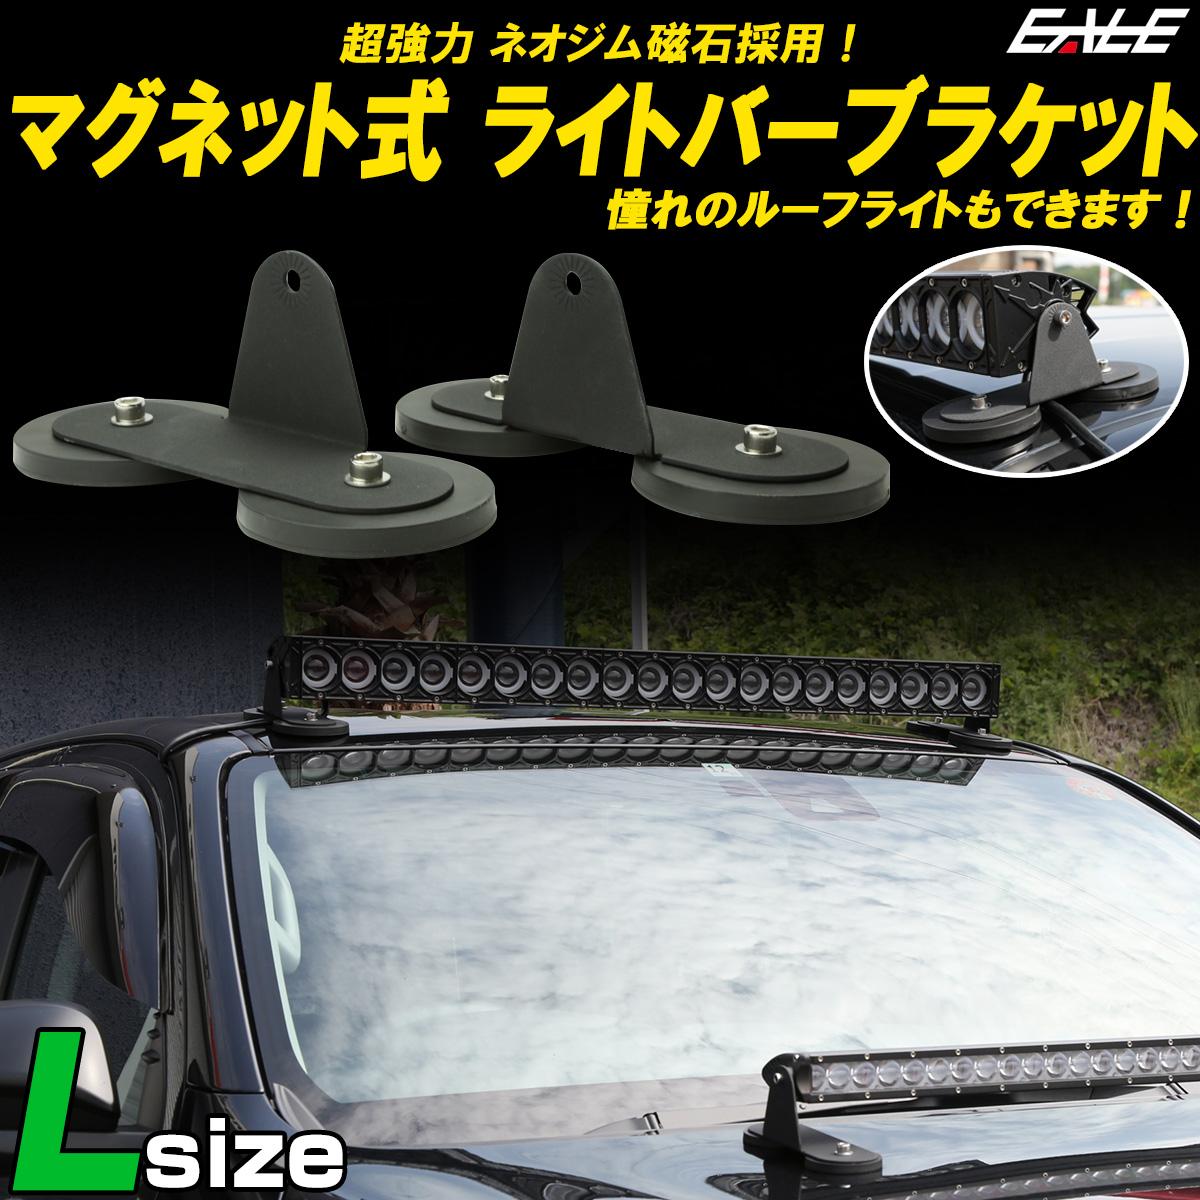 マグネット式 ライトバー ブラケット L ネオジム磁石入り ステー ワークライト 作業灯の設置に パウダーコート仕上げ V-37